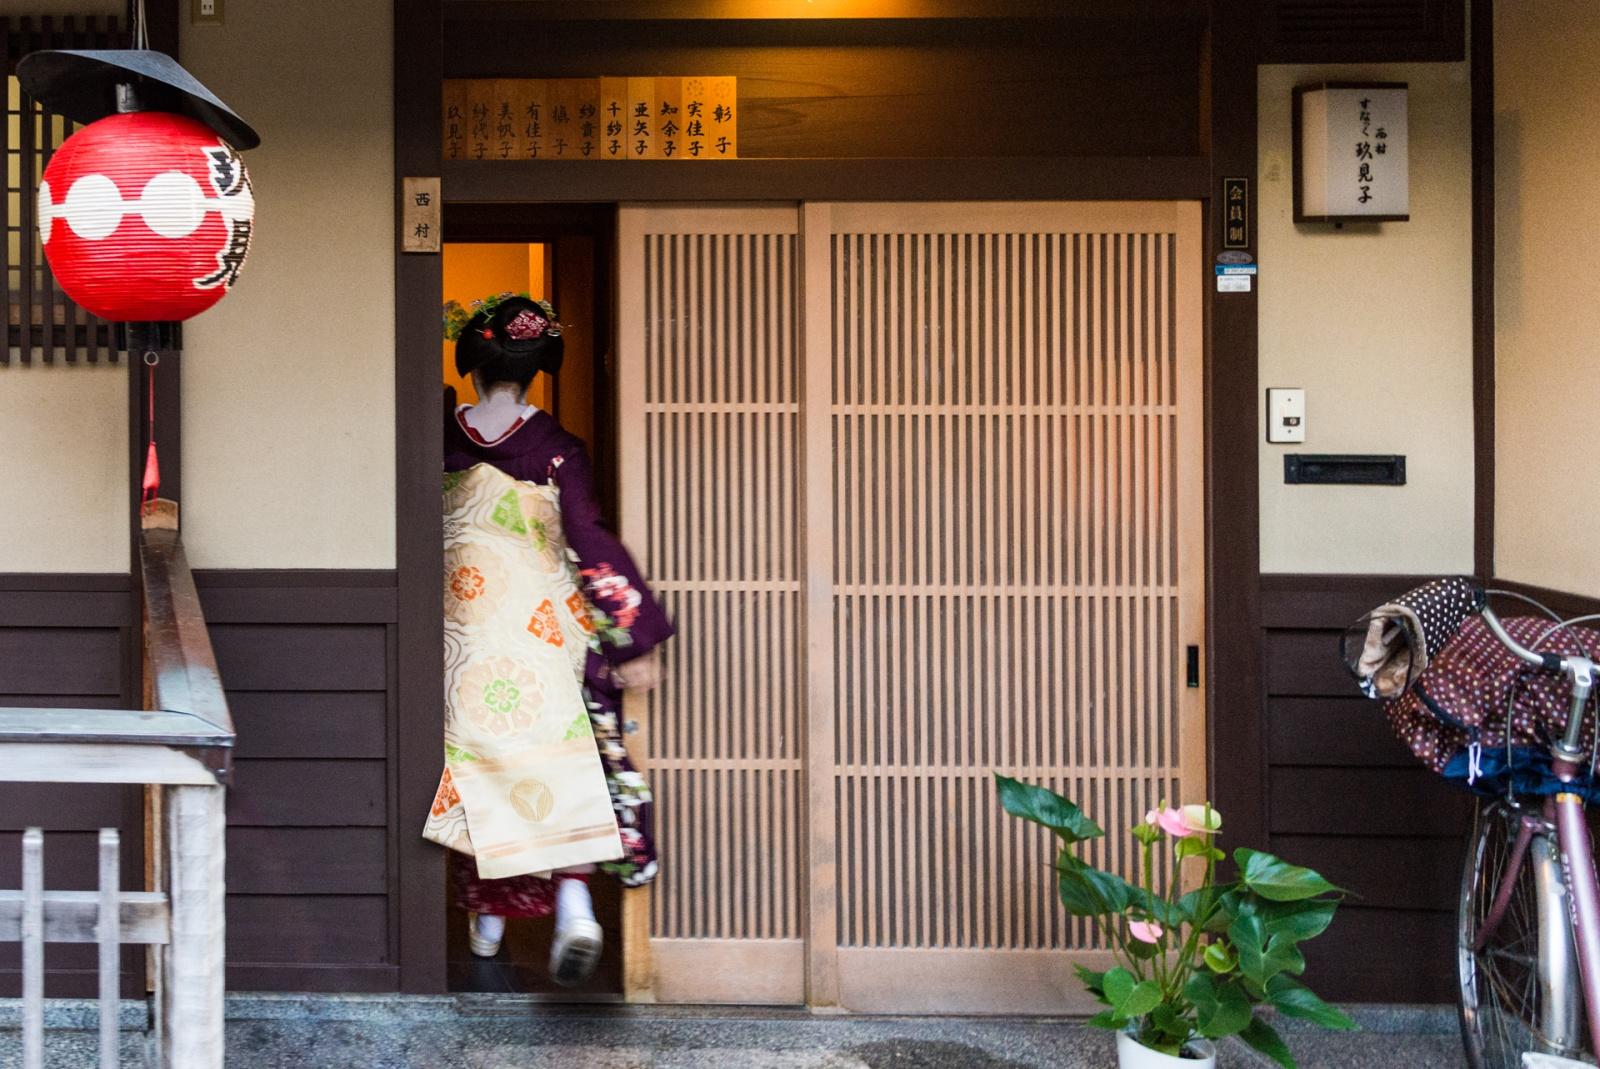 Una giovane maiko rientra nella sua okiya. © Fabrizio Bonifazi.